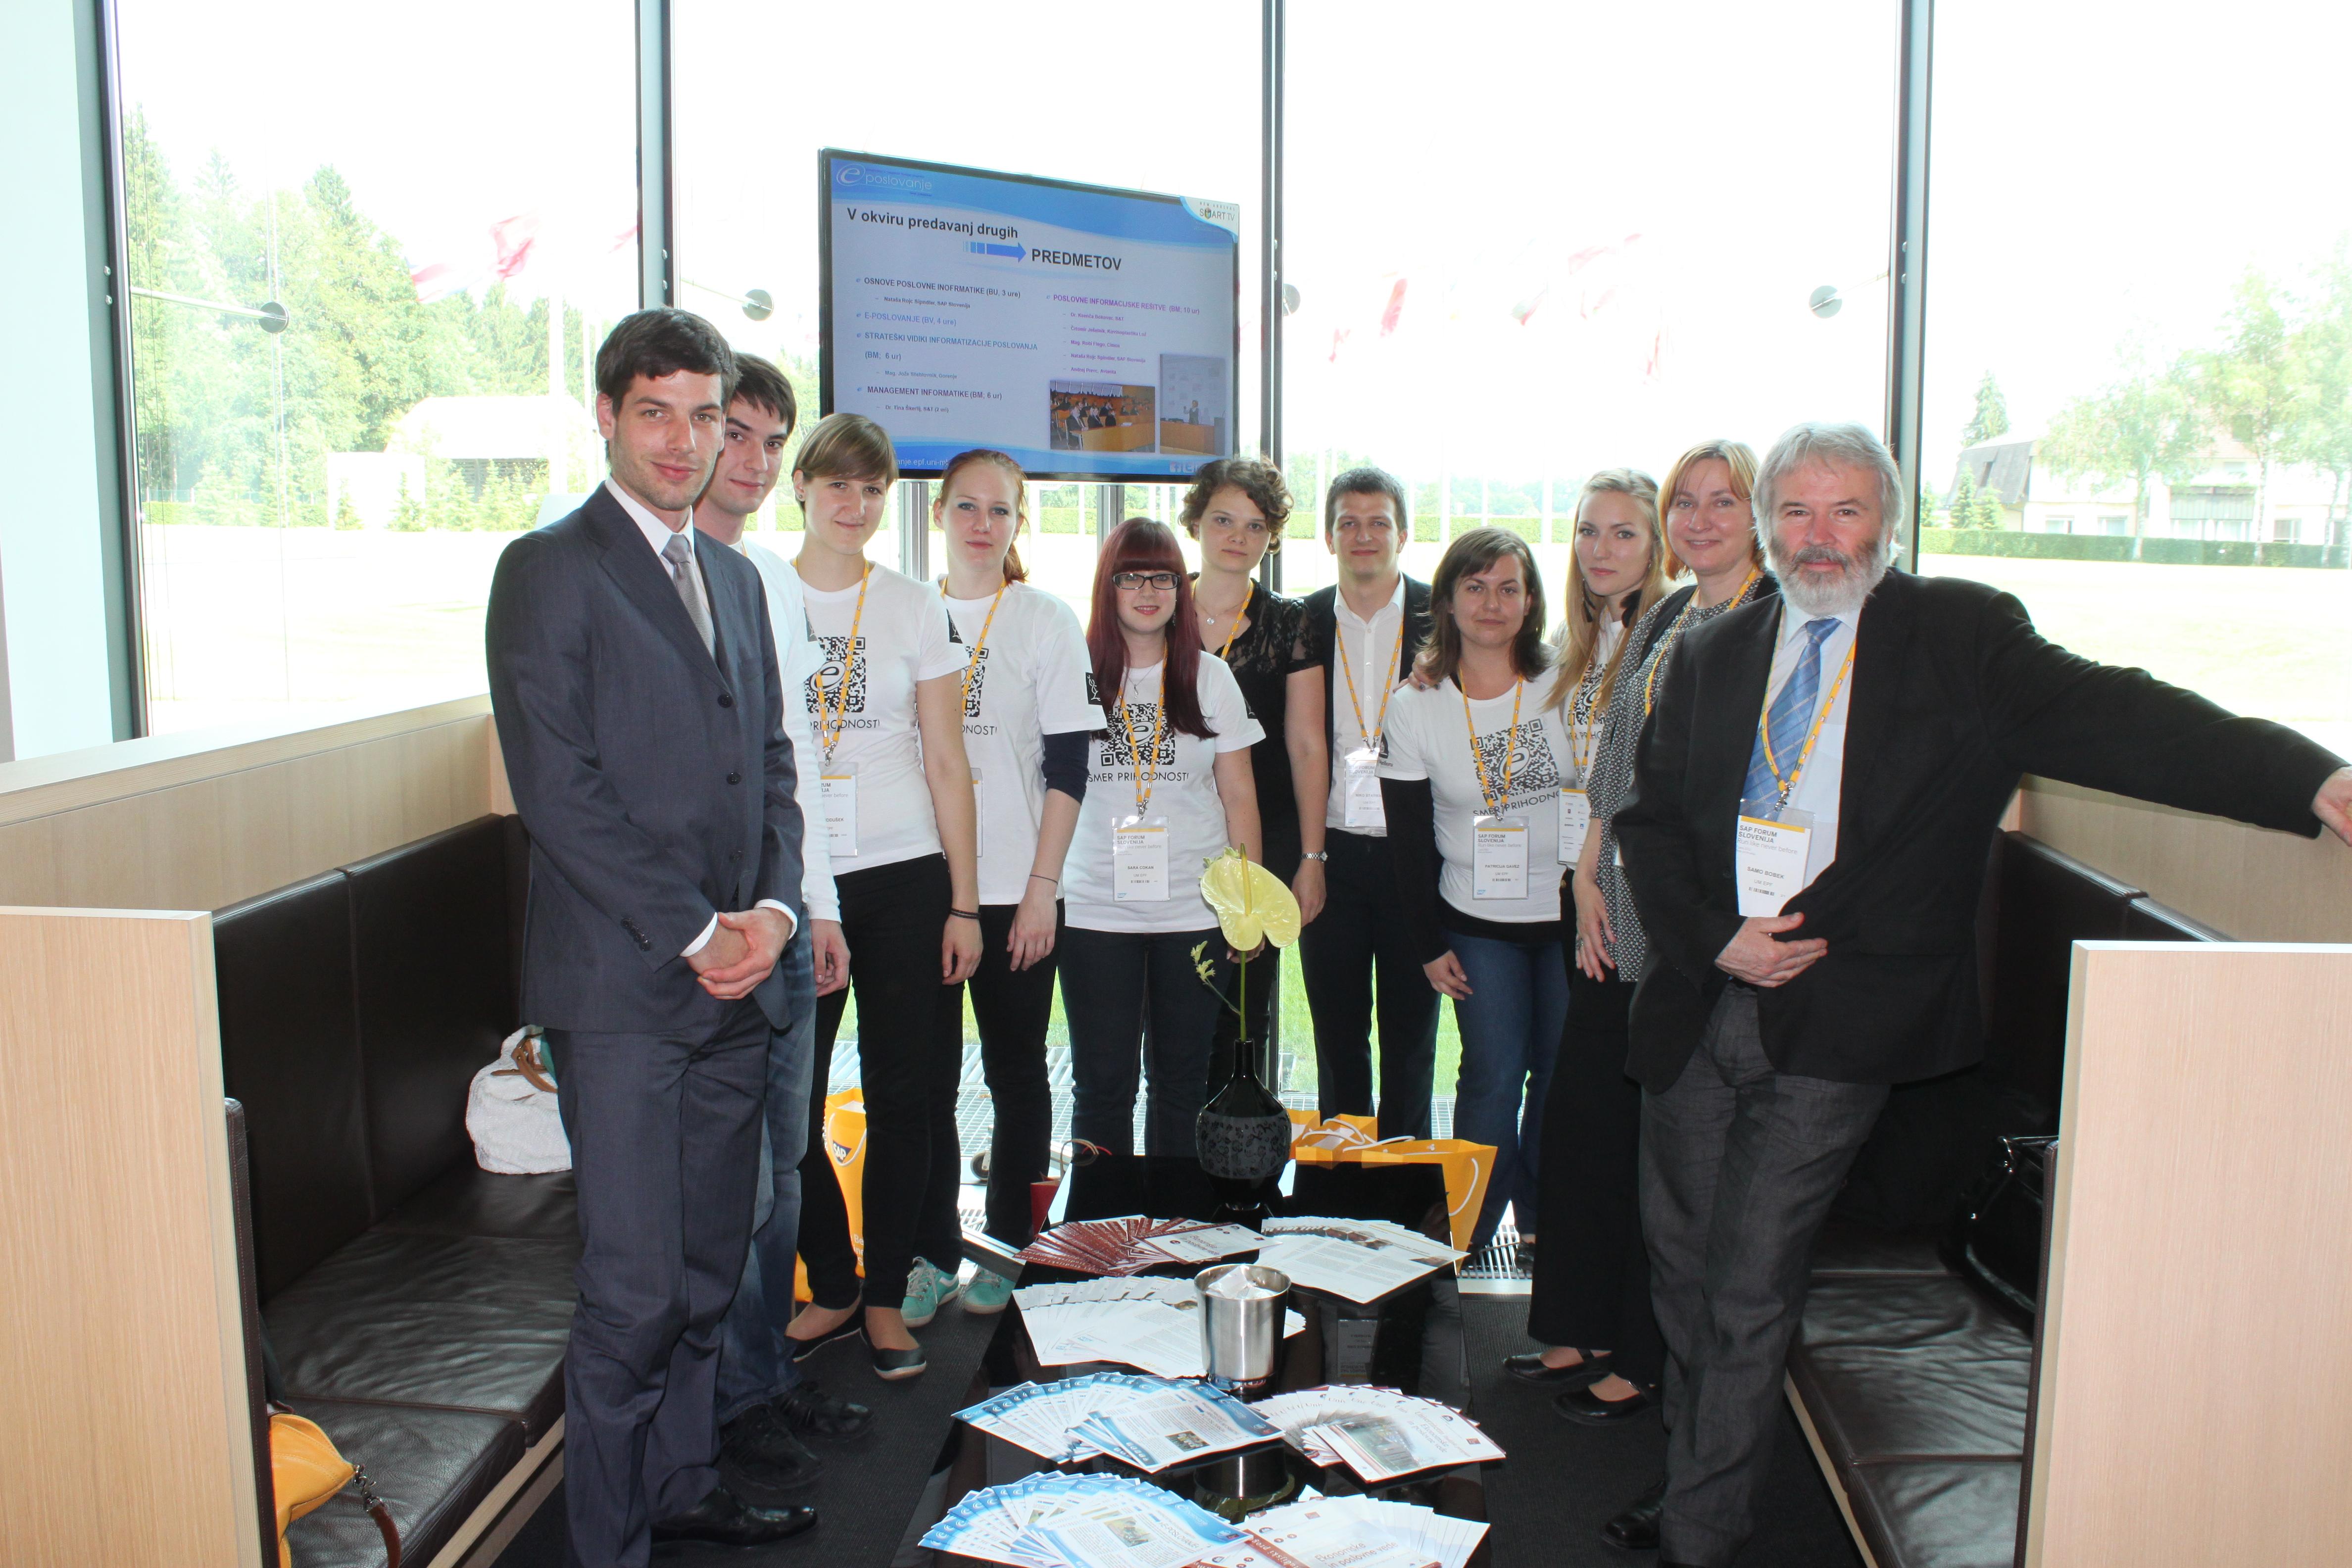 SAP Forum Brdo pri Kranju